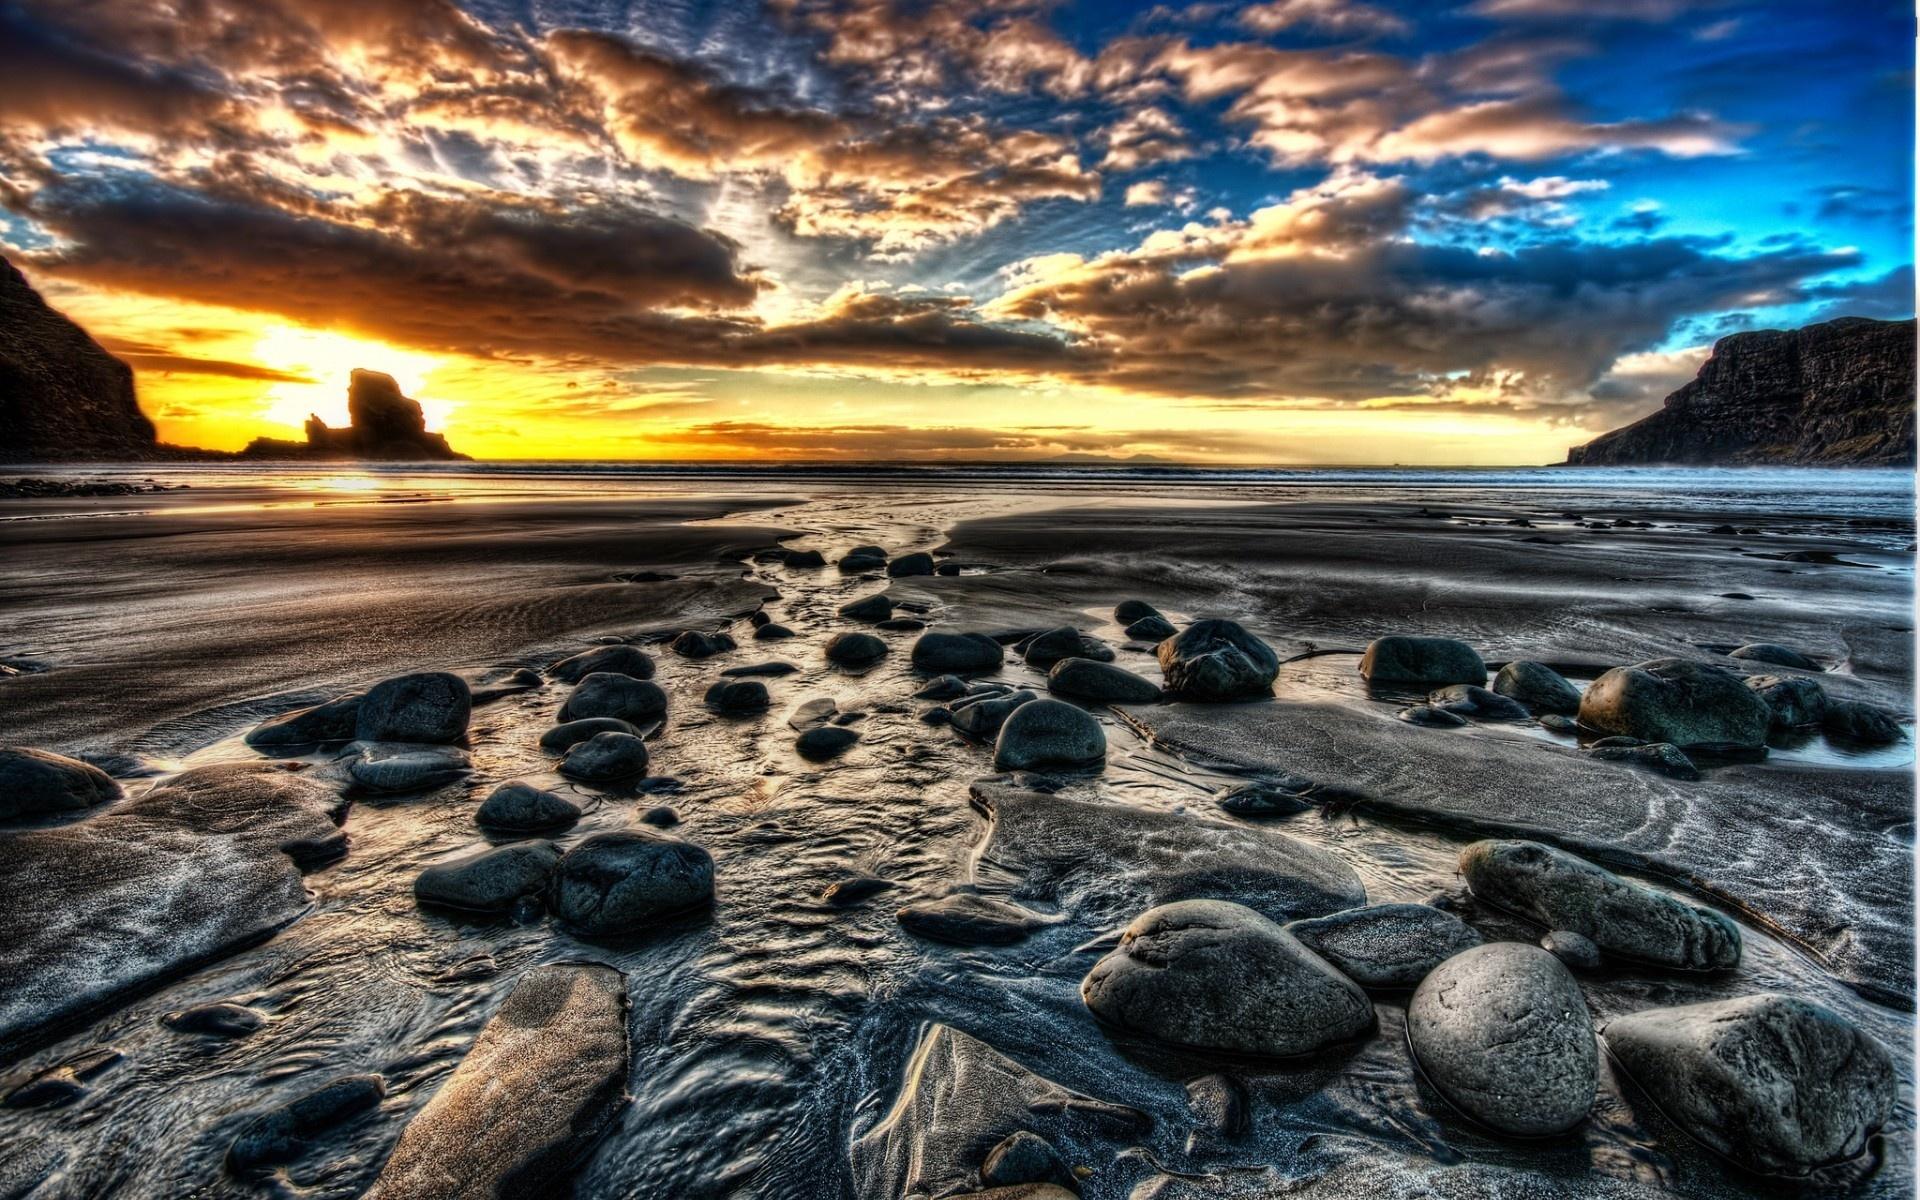 Море камни закат картинки